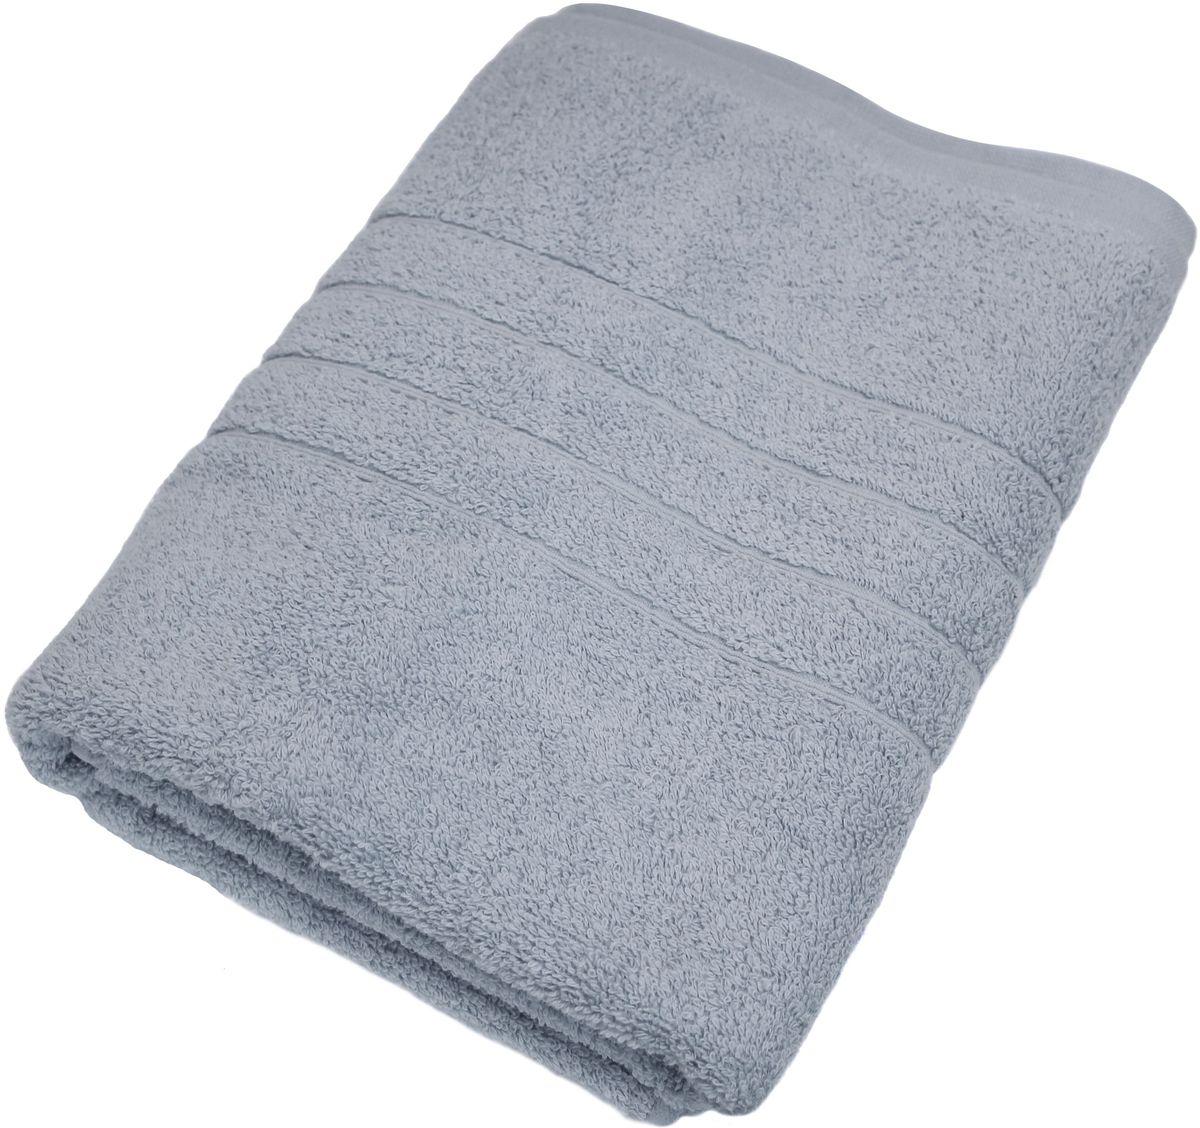 Полотенце Proffi Home Модерн, цвет: серый, 70 x 140 см531-105Мягкое махровое полотенцеProffi Home Модерн отлично впитывает влагу и быстро сохнет, приятно в него завернуться после принятия ванны или посещения сауны. Поэтому данное махровое полотенце можно использовать в качестве душевого, банного или пляжного полотенца. Состав: 100% хлопок.